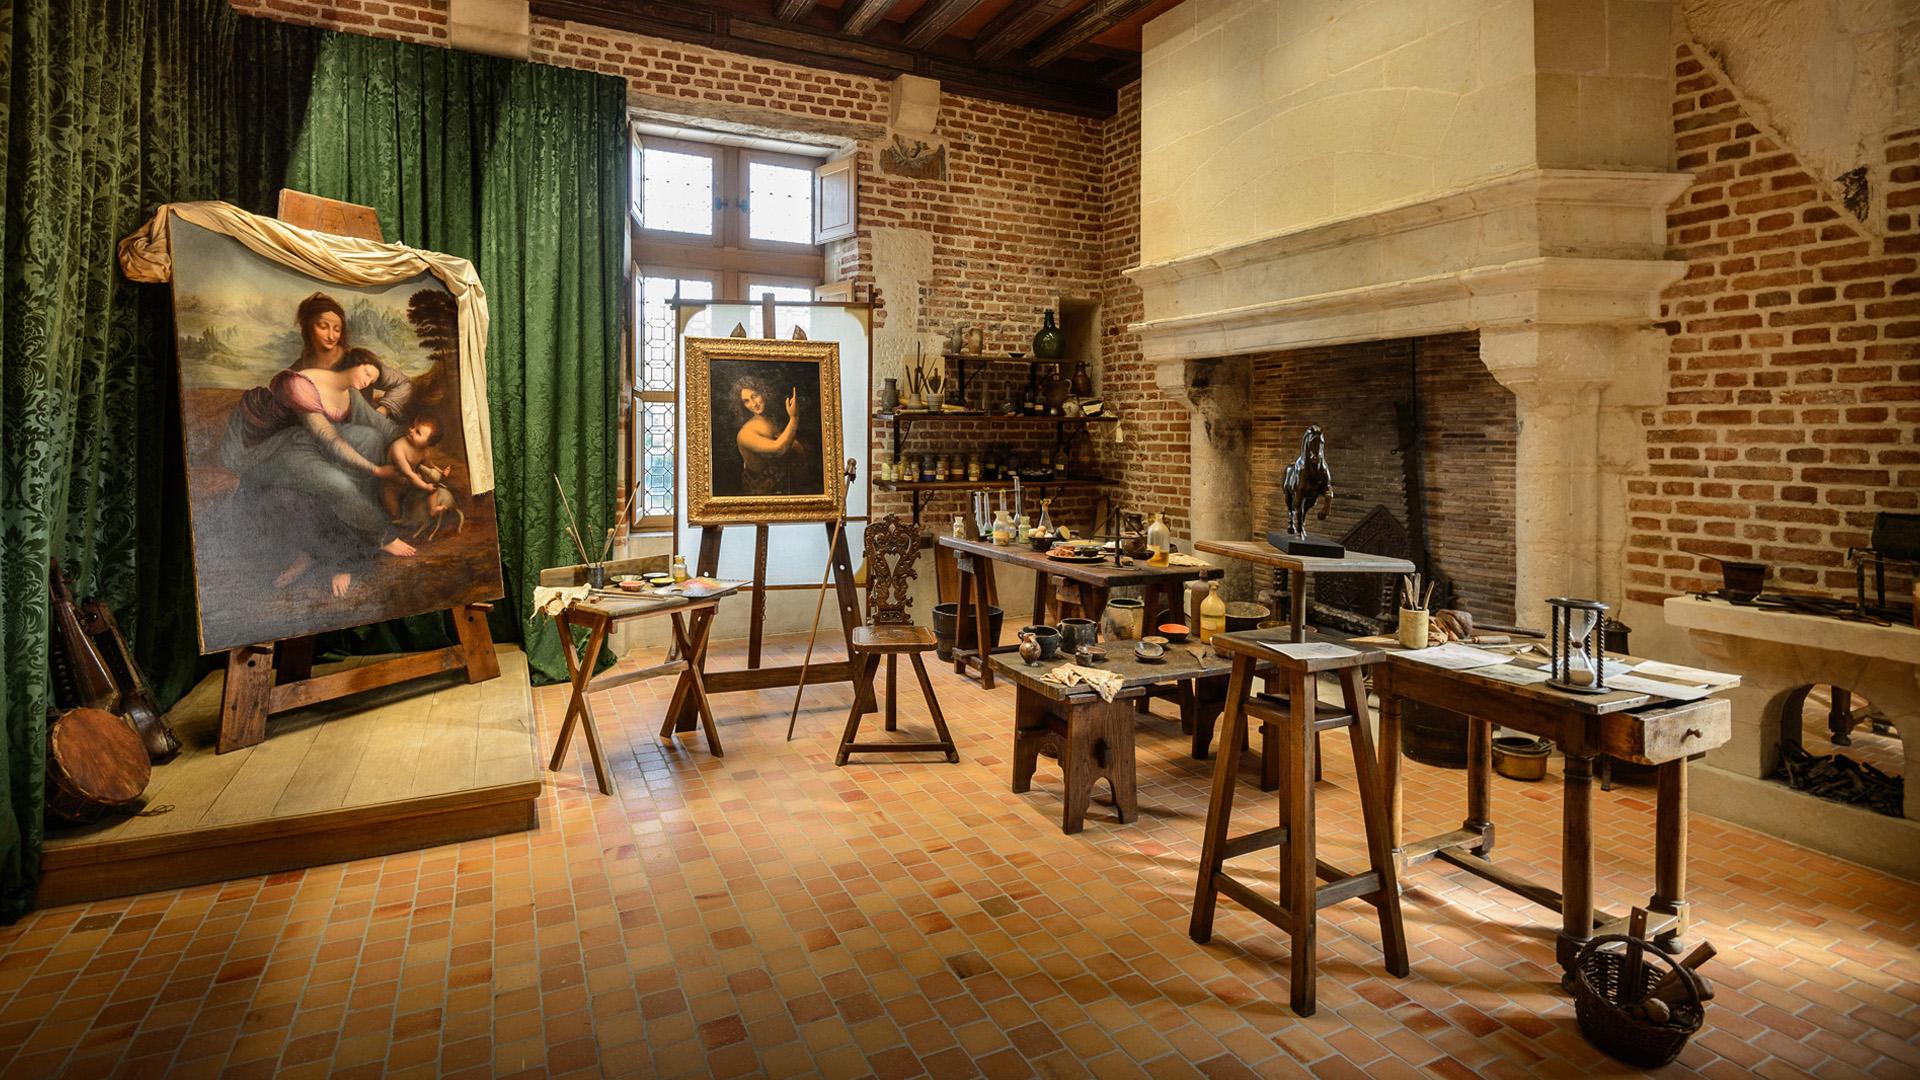 L'atelier de Léonard de Vinci